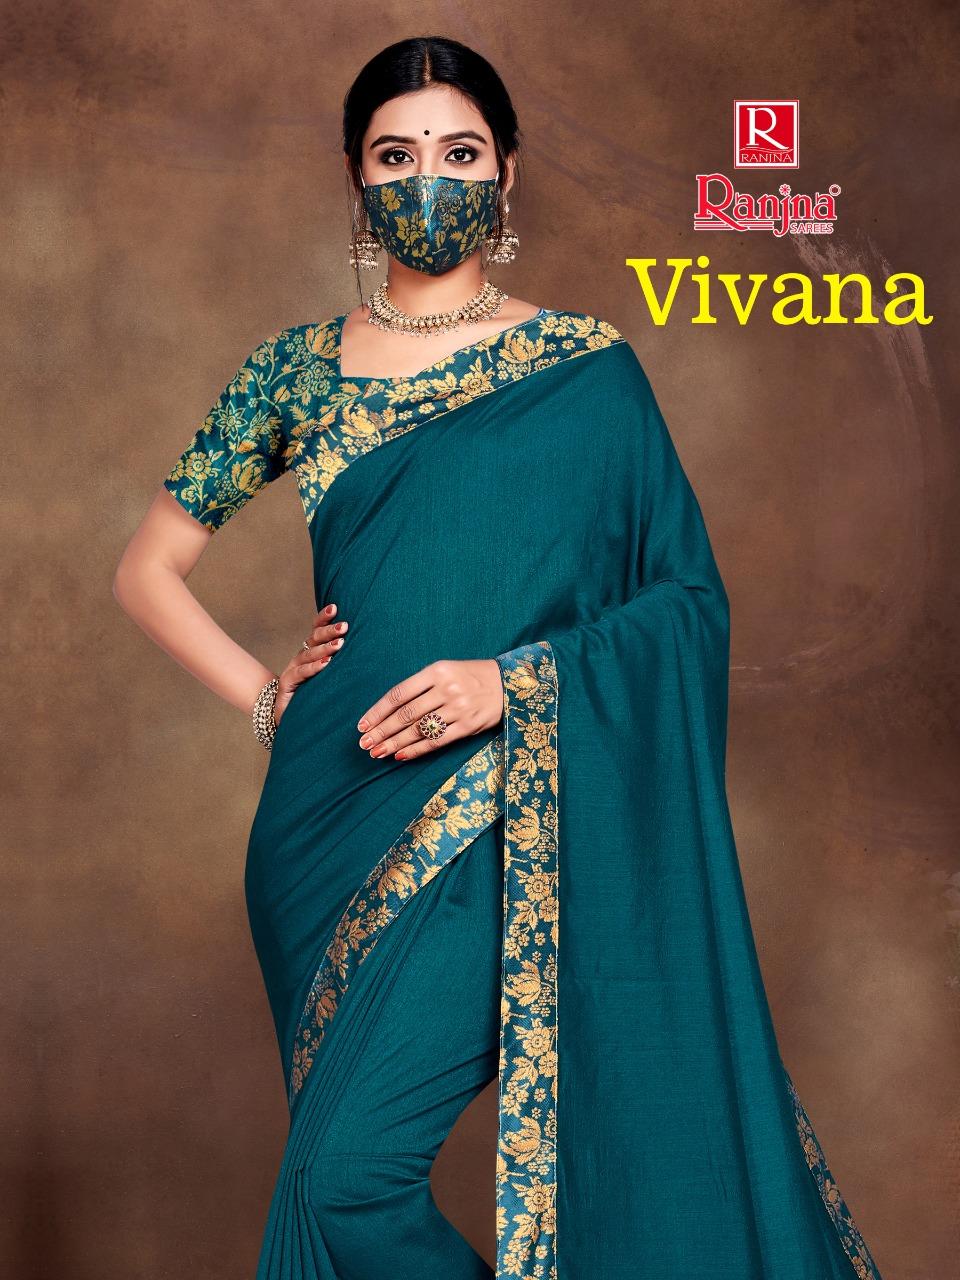 Ranjna Vivana Saree Sari Wholesale Catalog 6 Pcs 1 - Ranjna Vivana Saree Sari Wholesale Catalog 6 Pcs